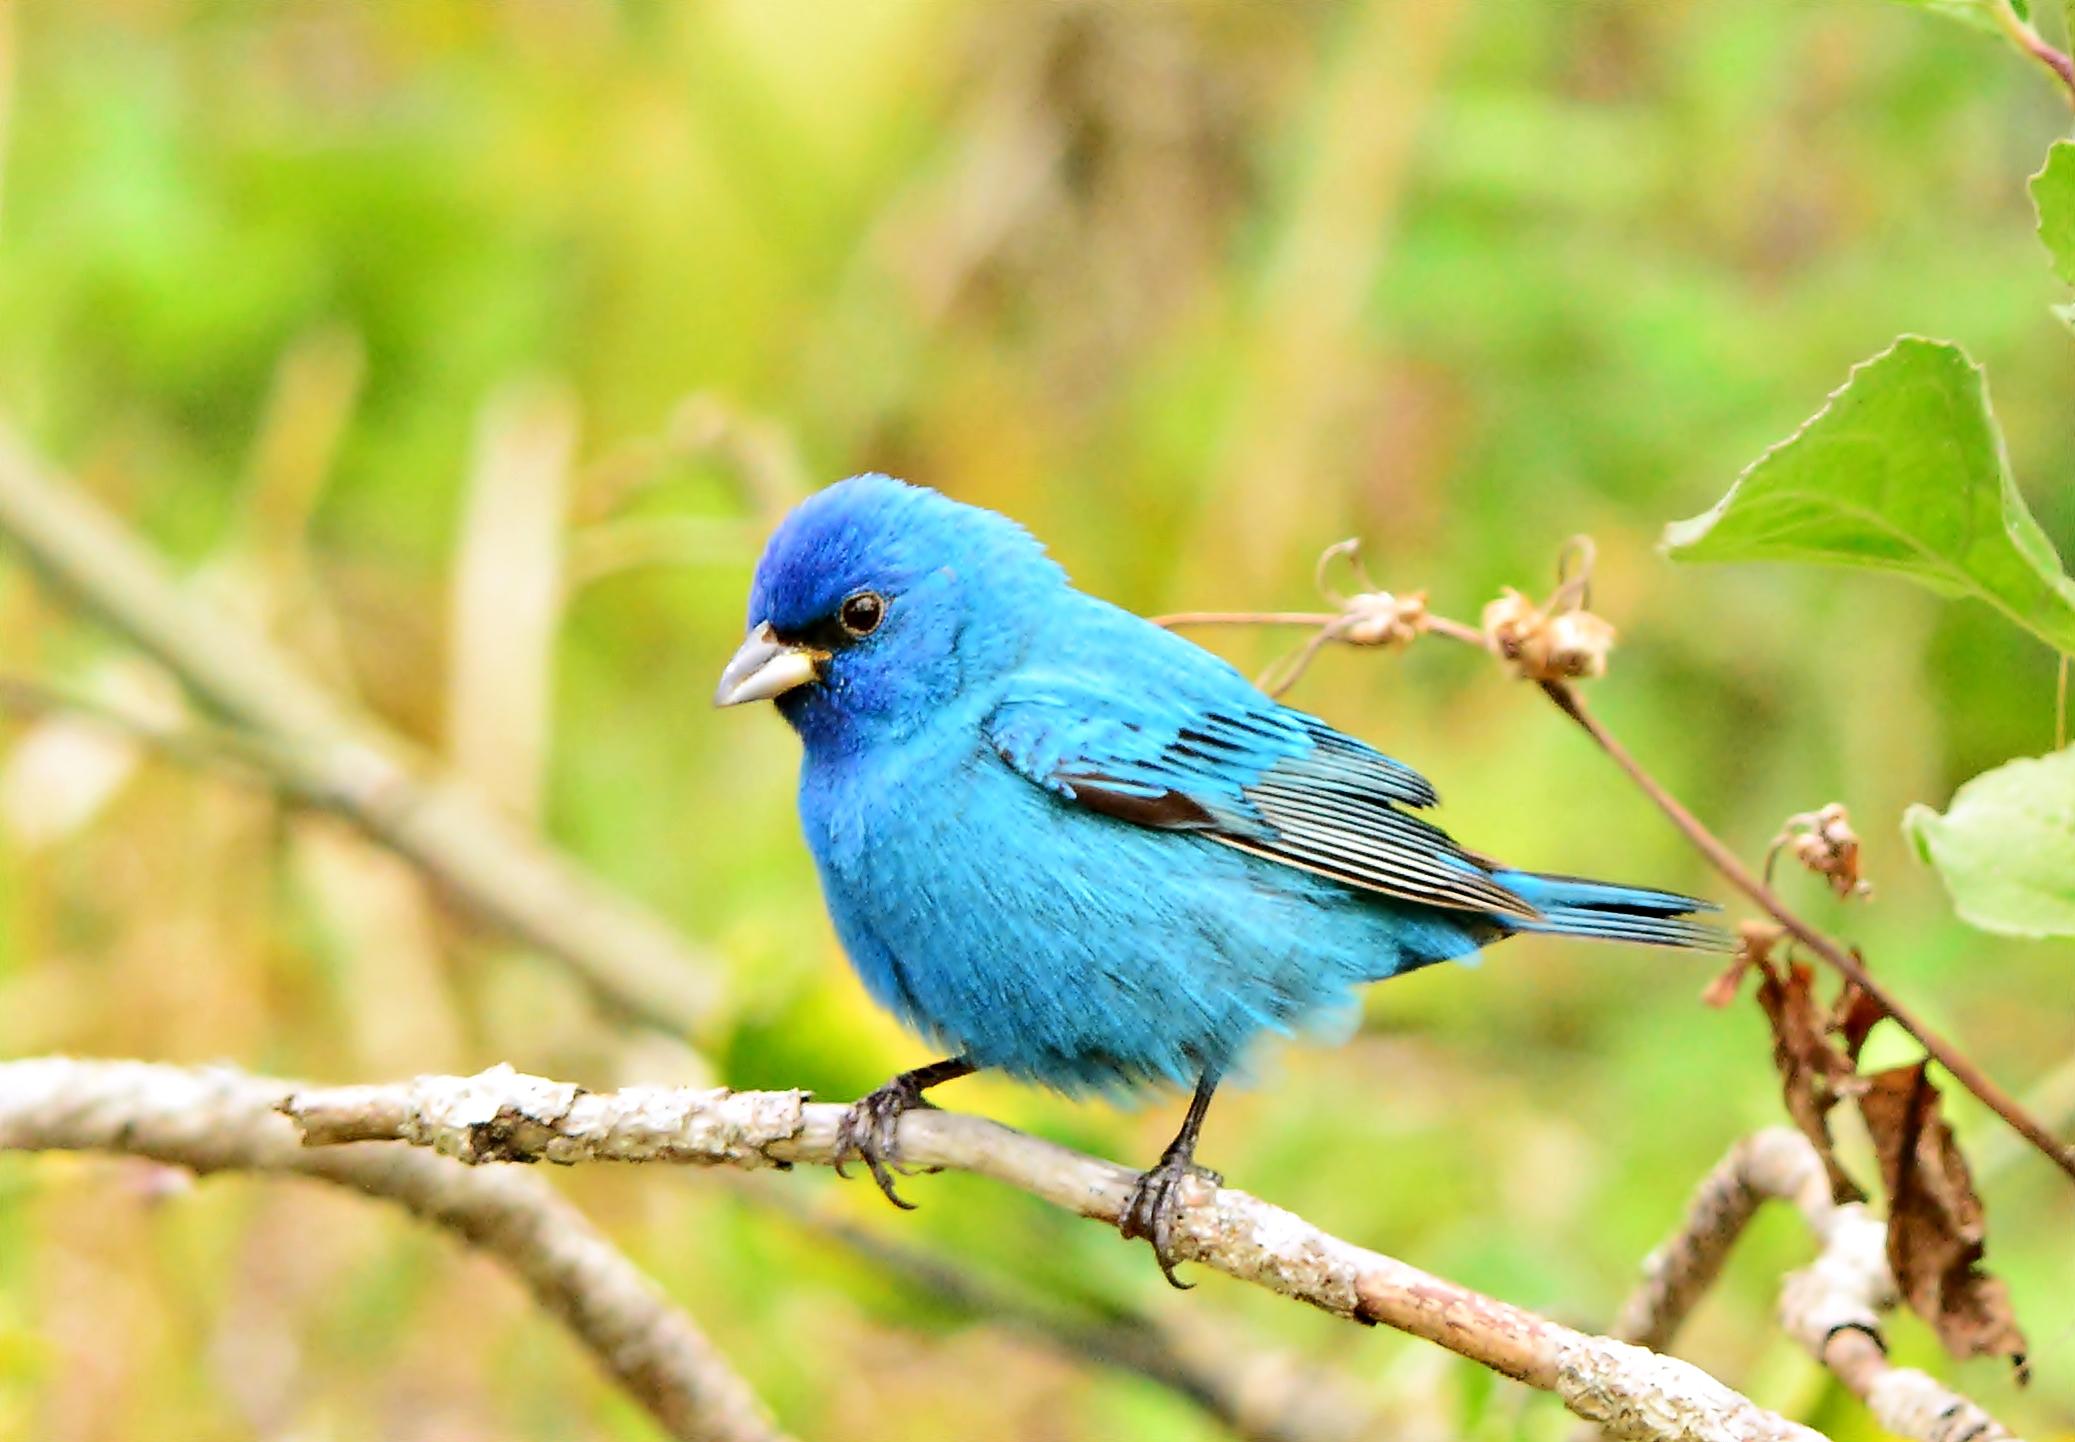 картинка что есть синего цвета данной софийской